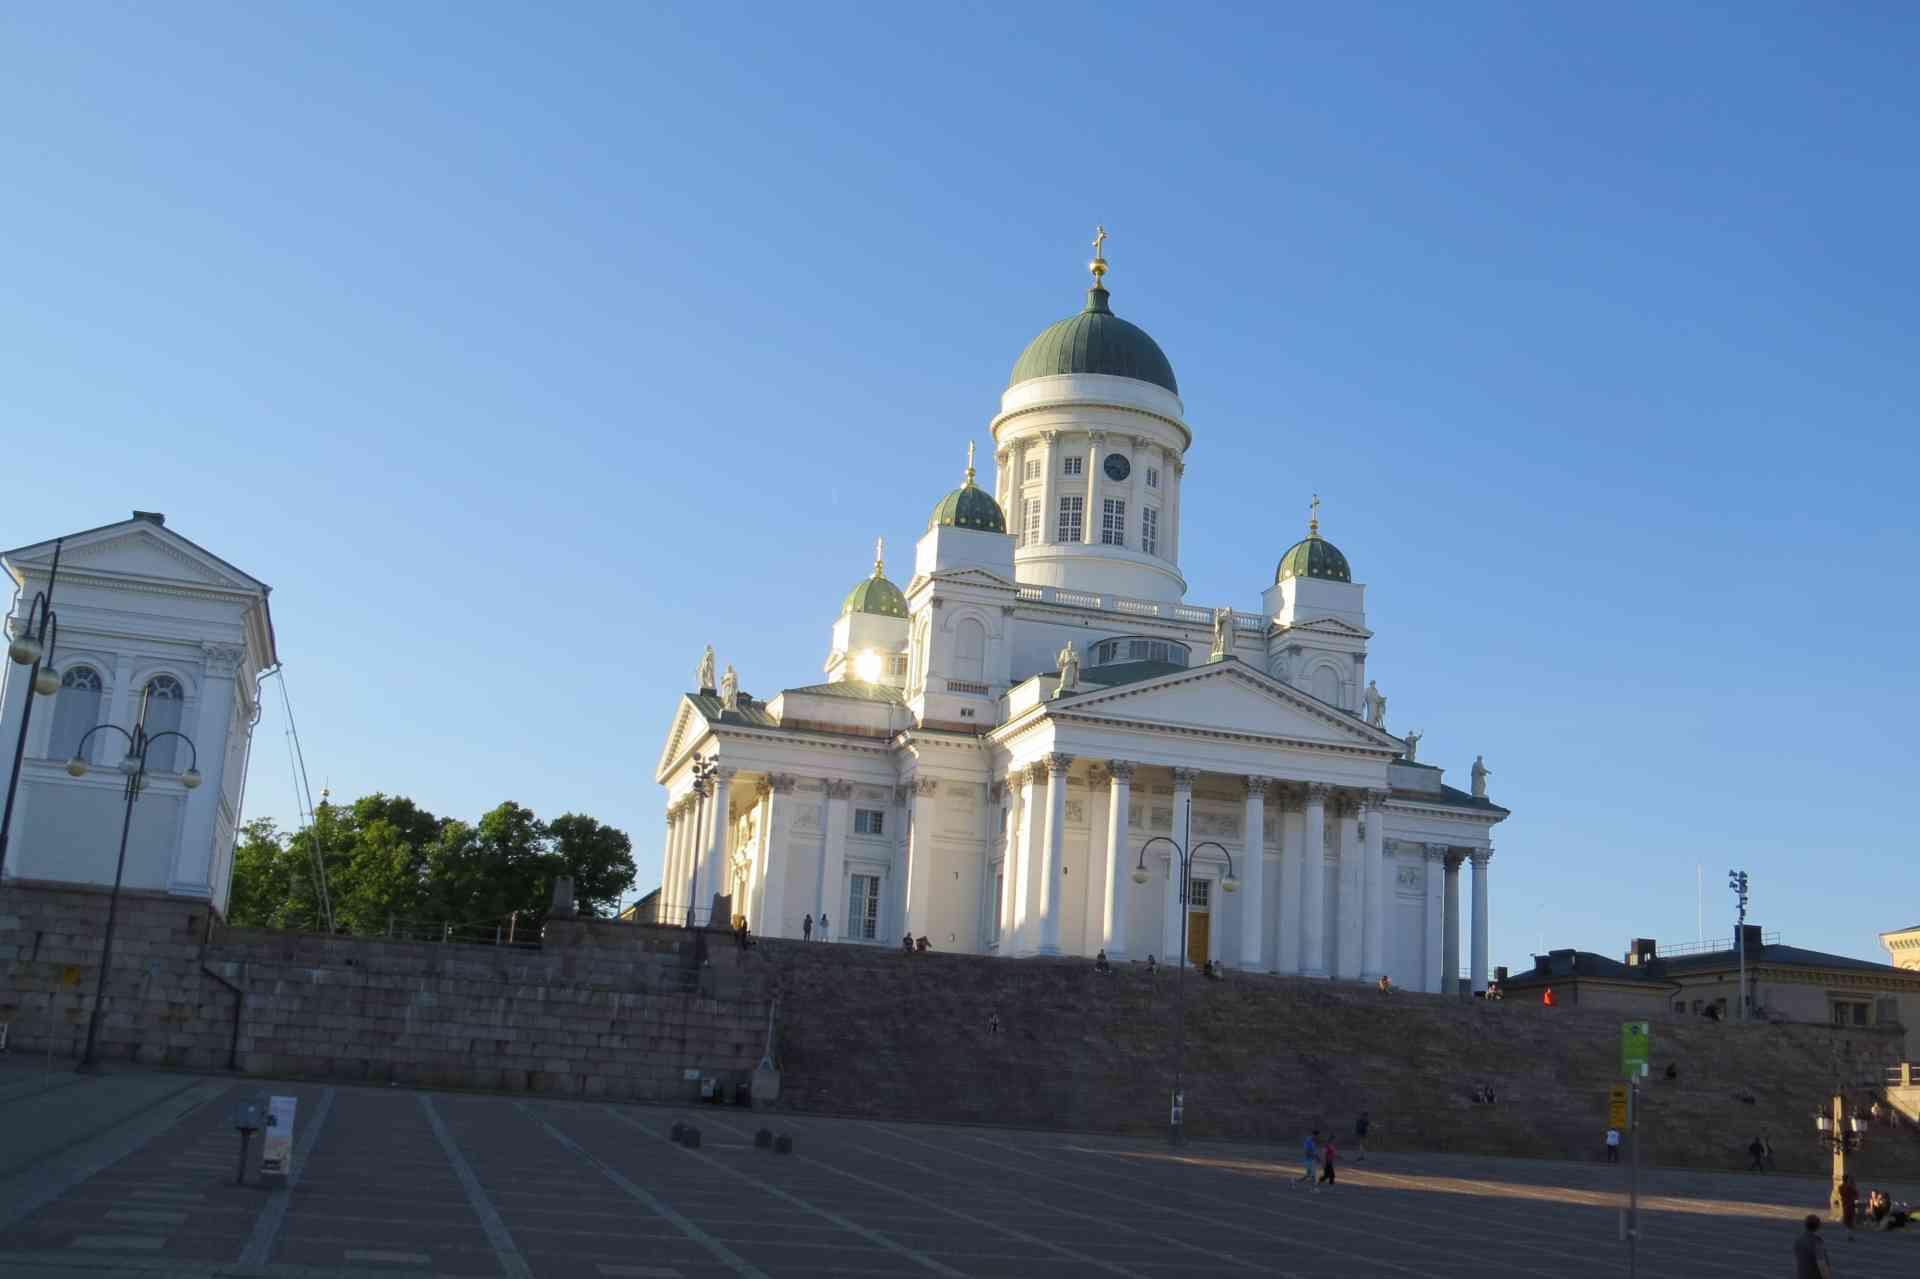 Helsinki, Finland by Marion Bunnik